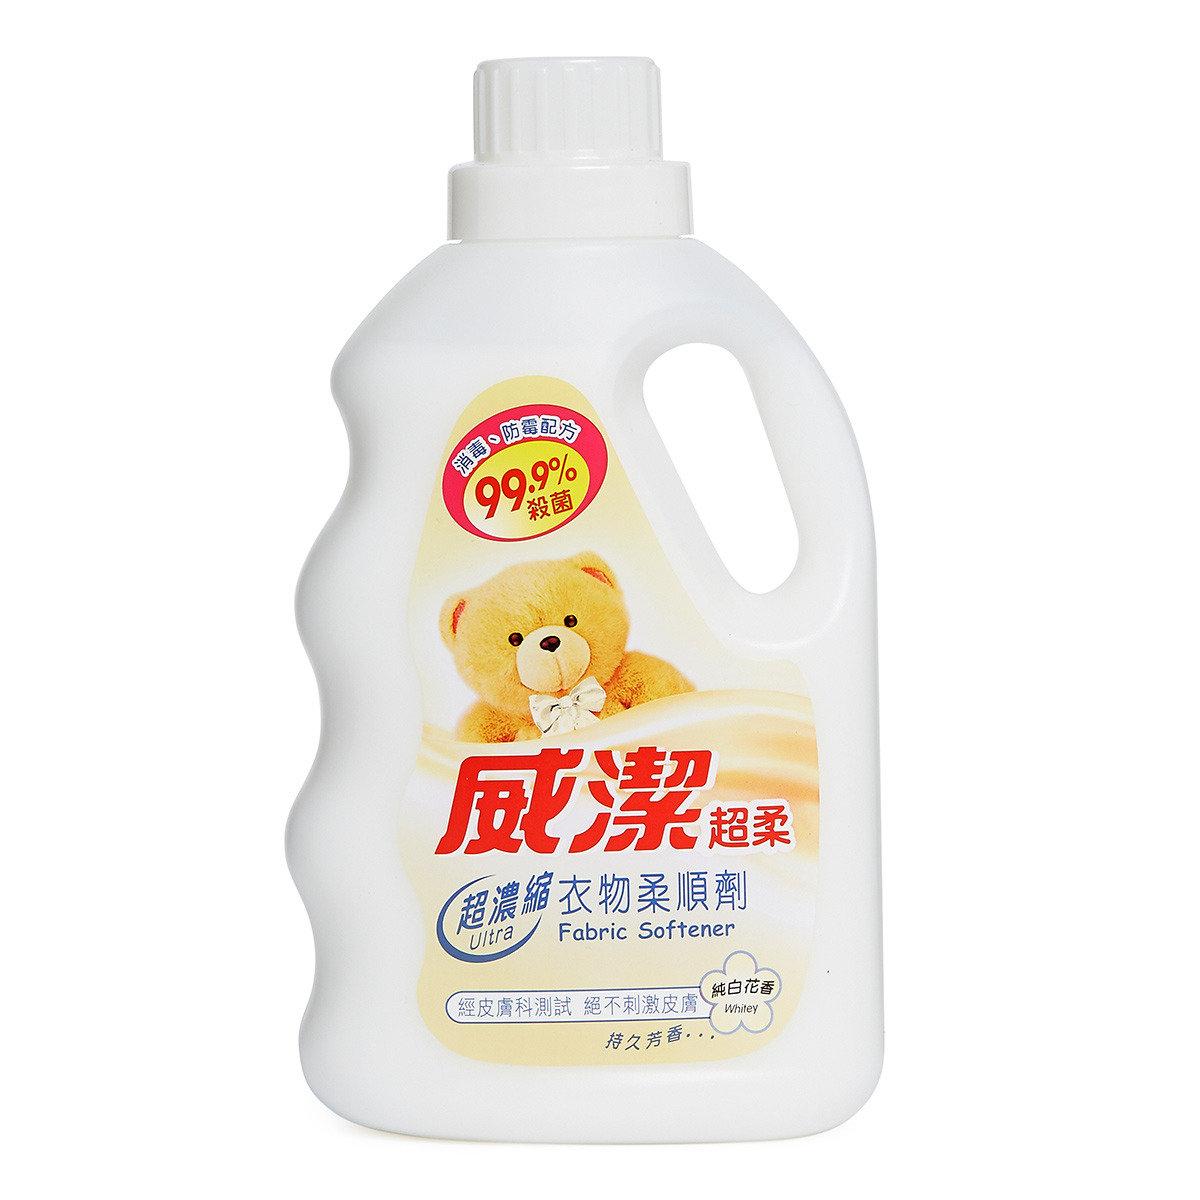 超柔超濃縮衣物柔順劑 -  純白花香